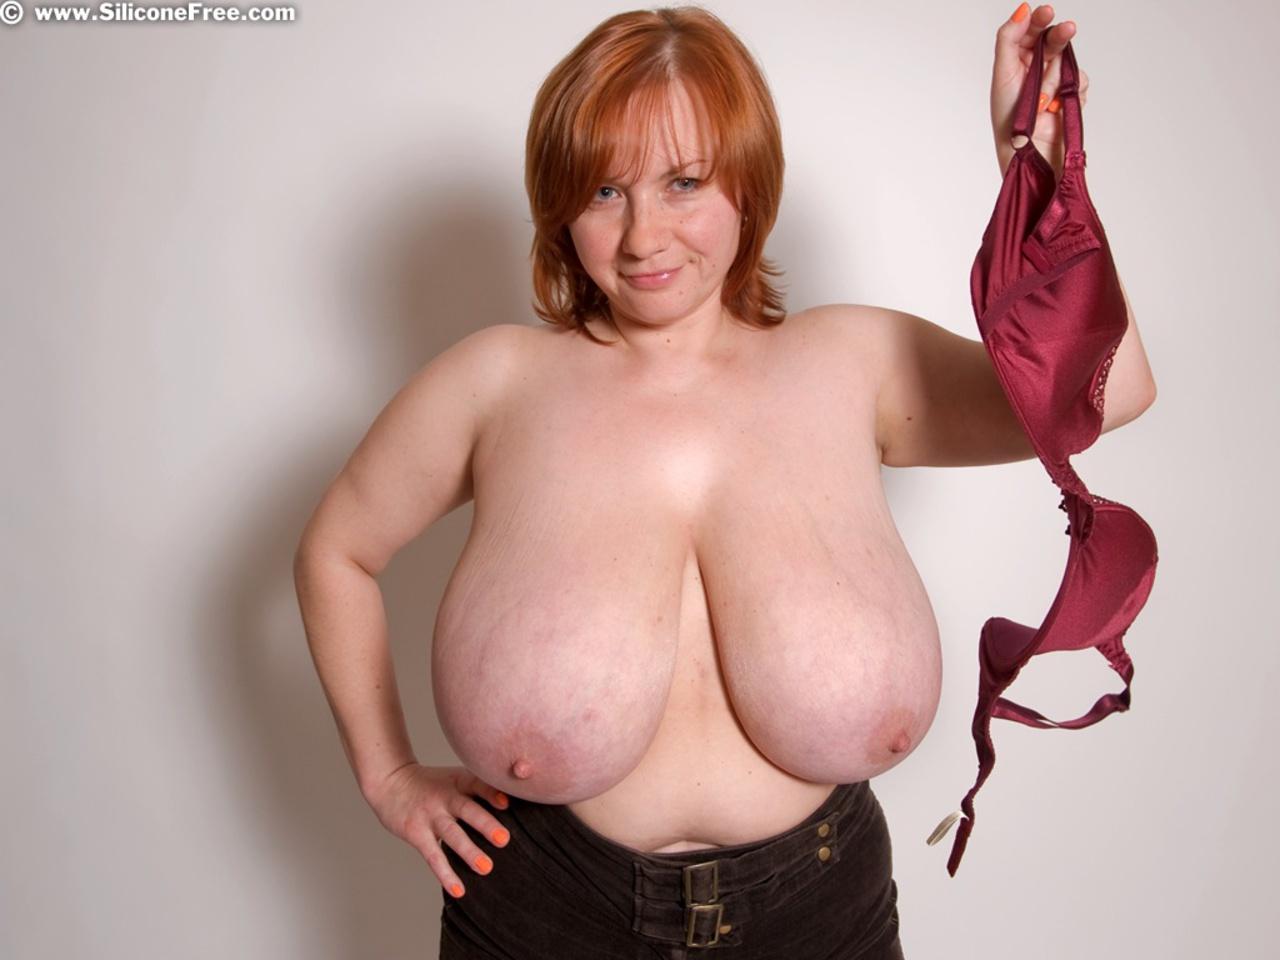 Фото большие сиськи кому за 50, Смотреть порно Русские женщины 50-55лет с большими 6 фотография